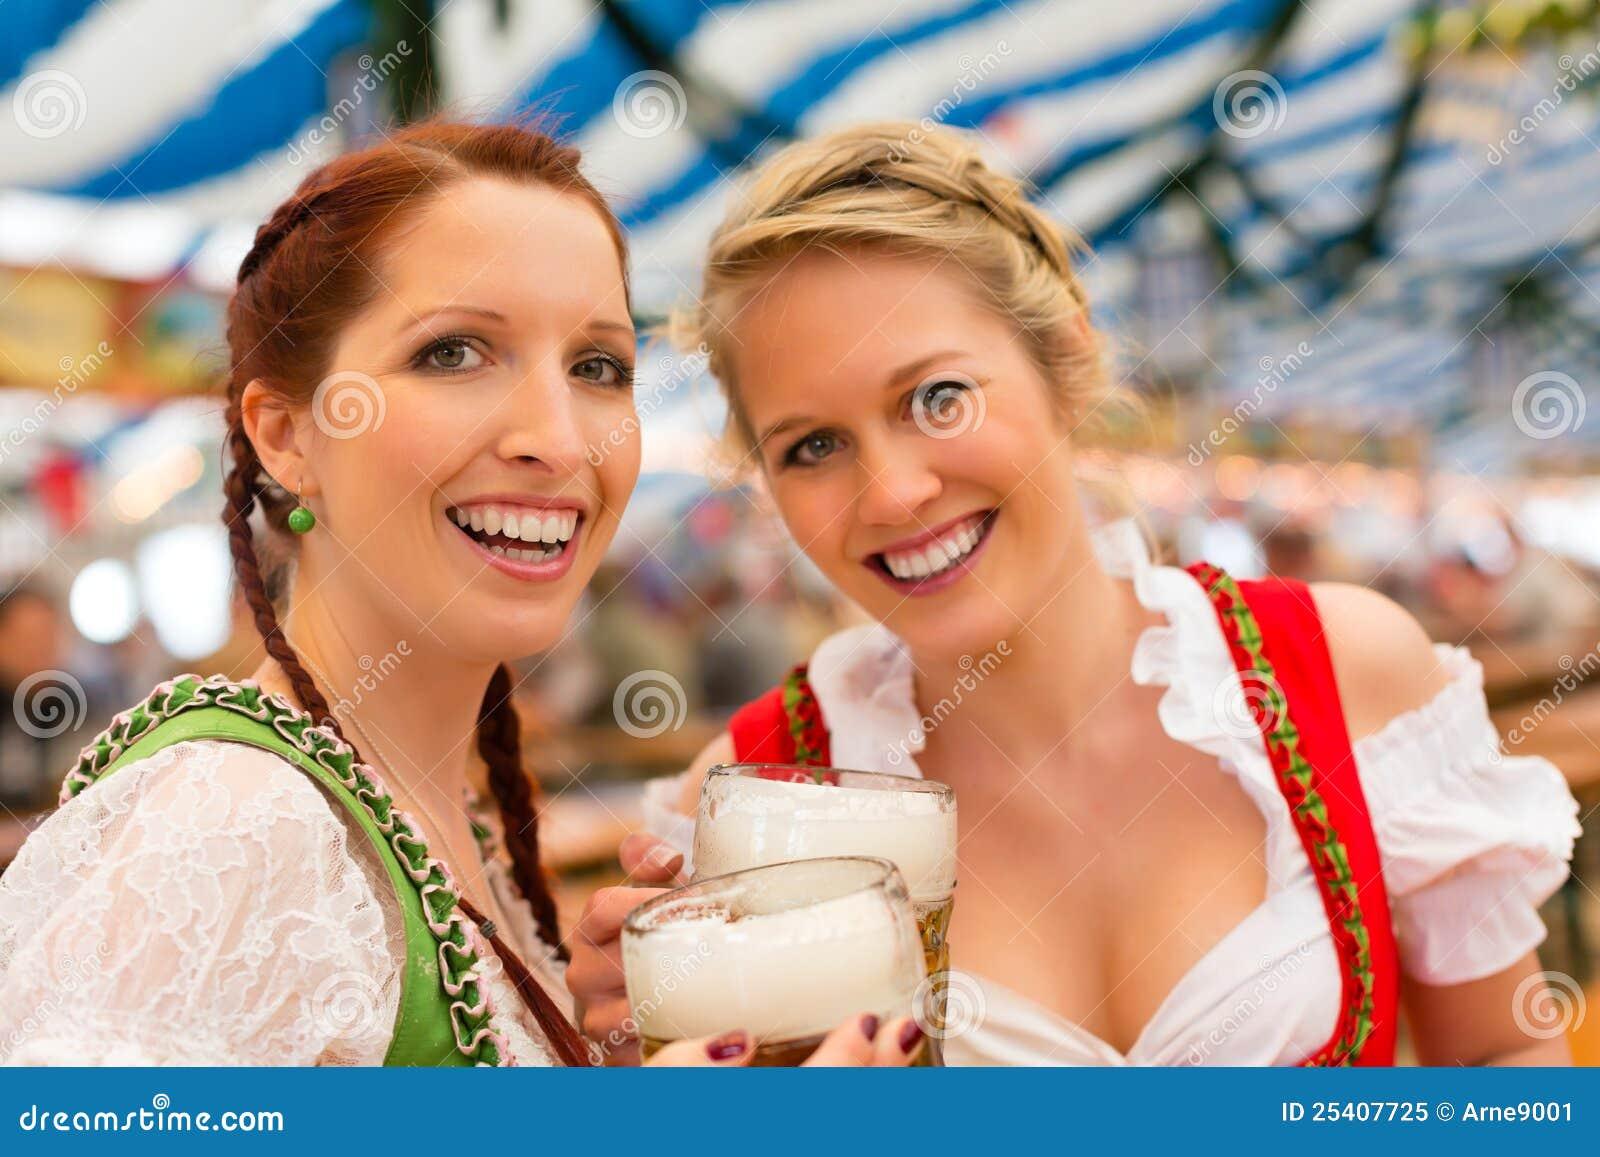 N with Bavarian dirndl in beer tent